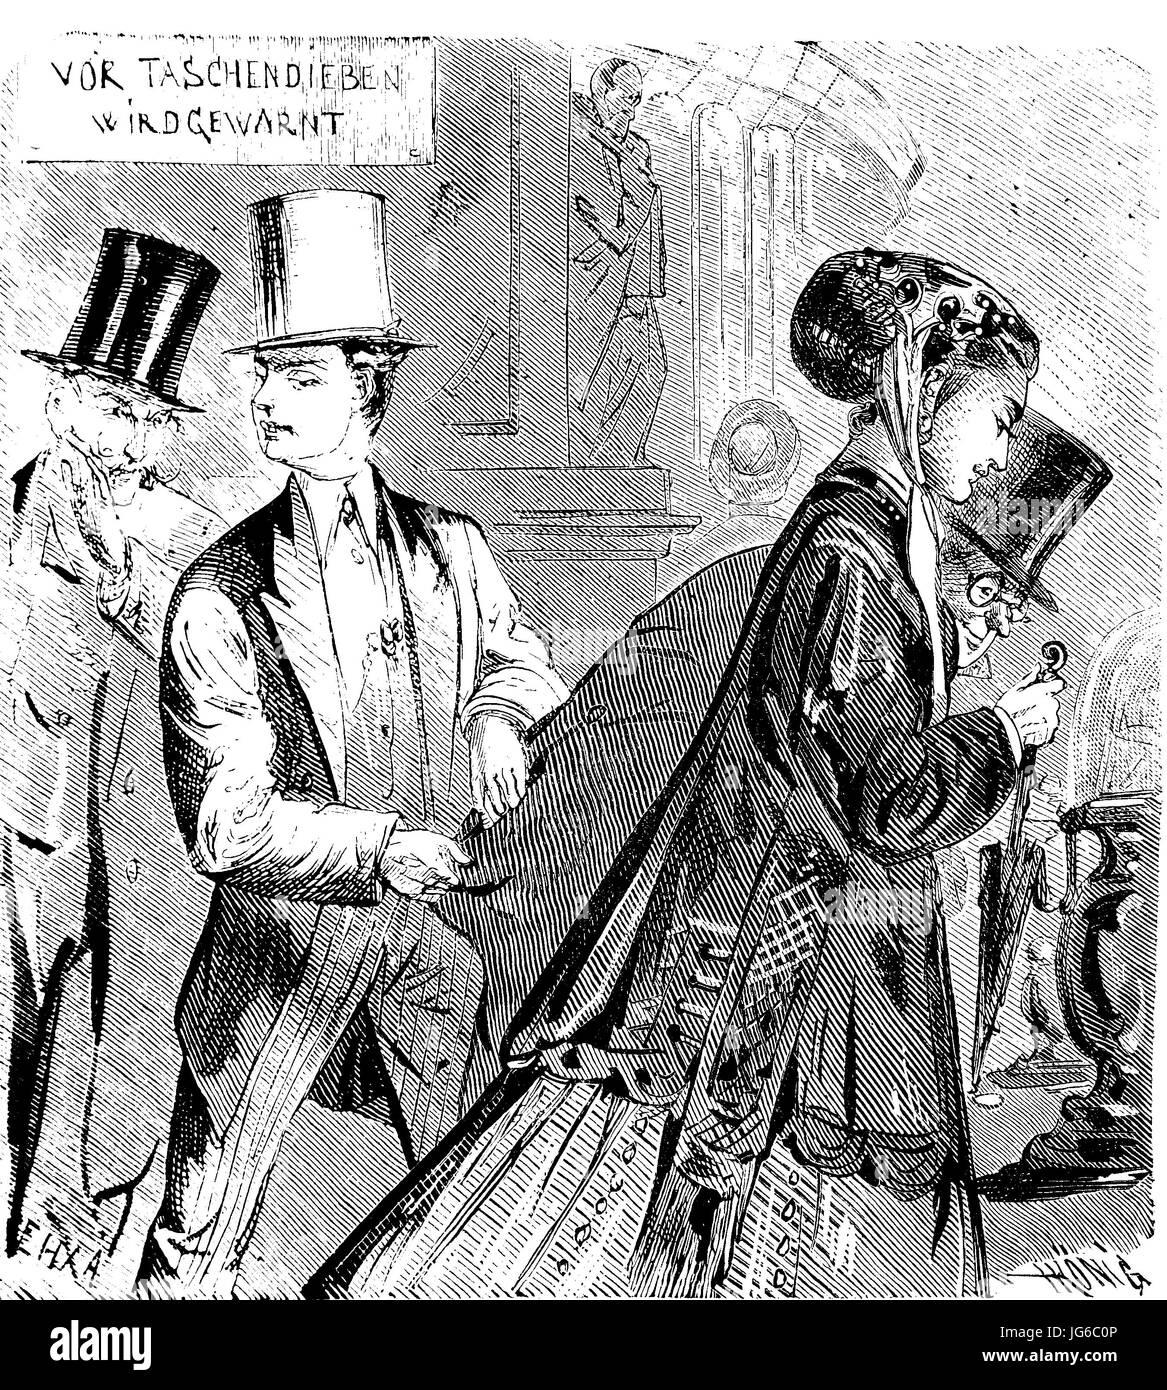 Miglioramento digitale:, borseggio, furti, il furto di denaro, illustrazione del XIX secolo Immagini Stock